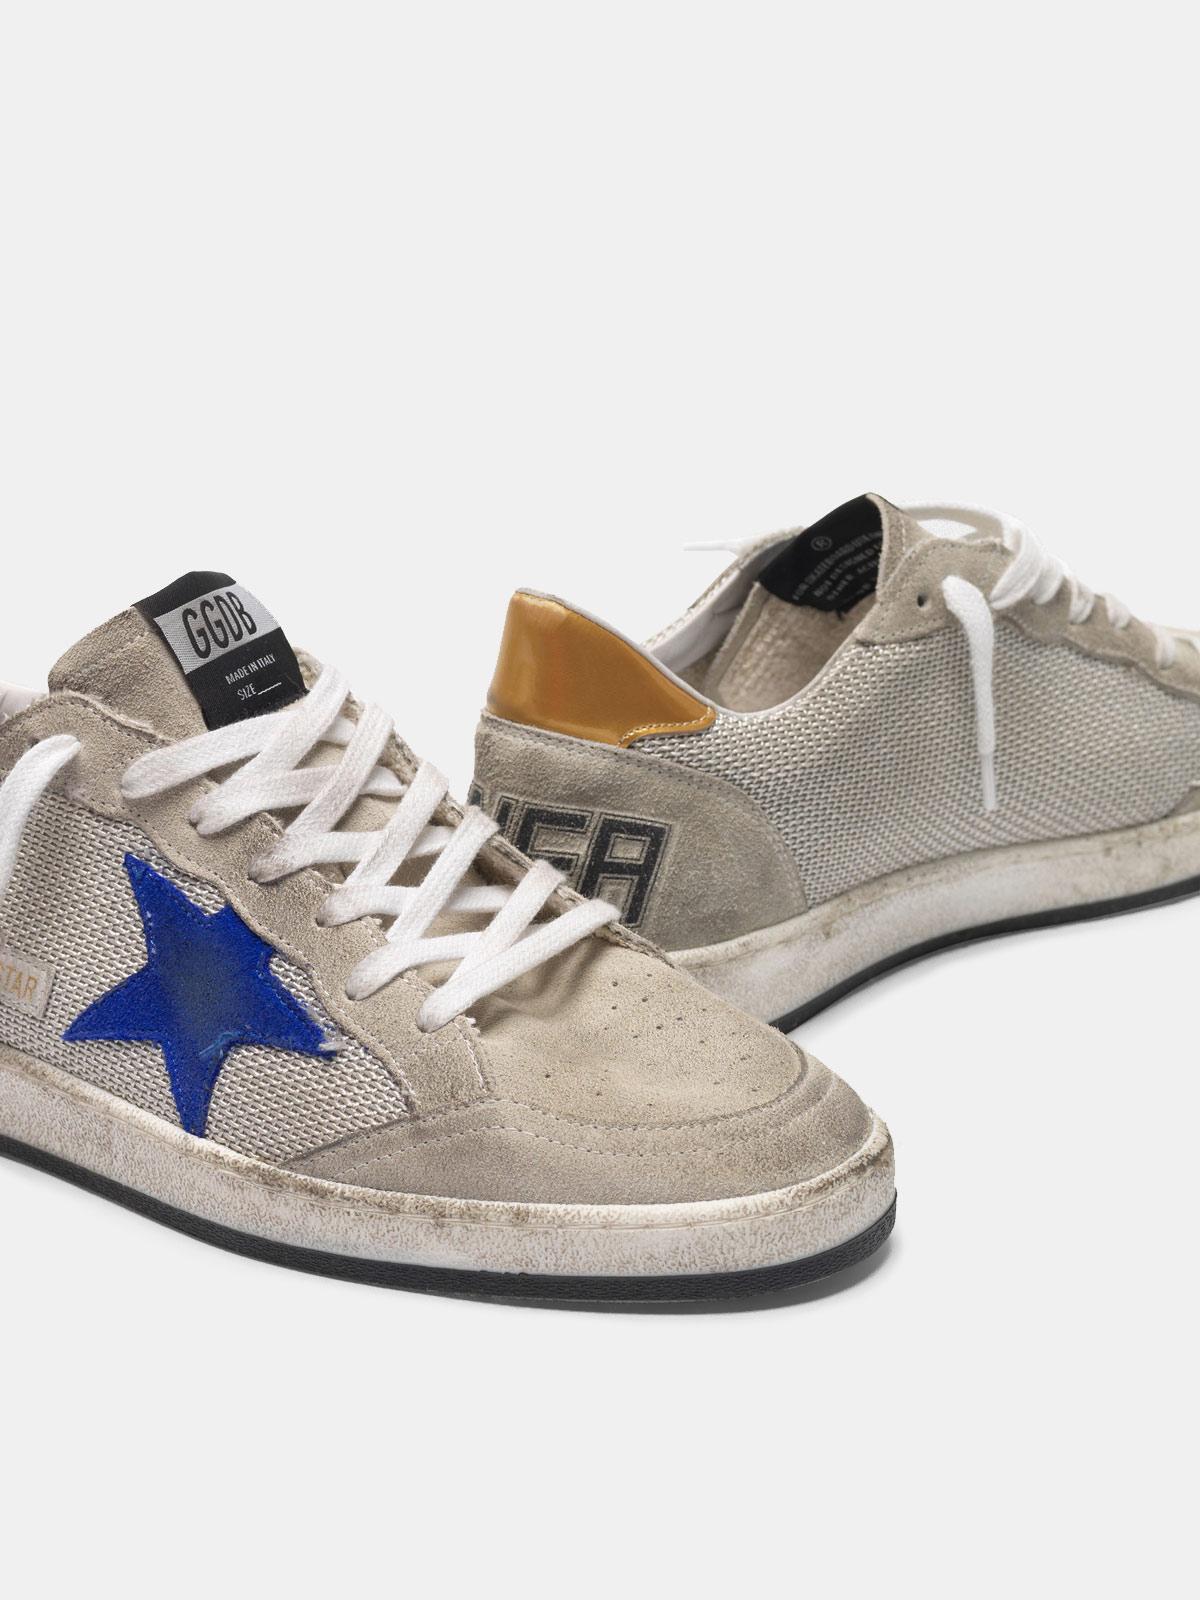 Golden Goose - Sneakers Ball Star grigie in suede con inserti in mesh in